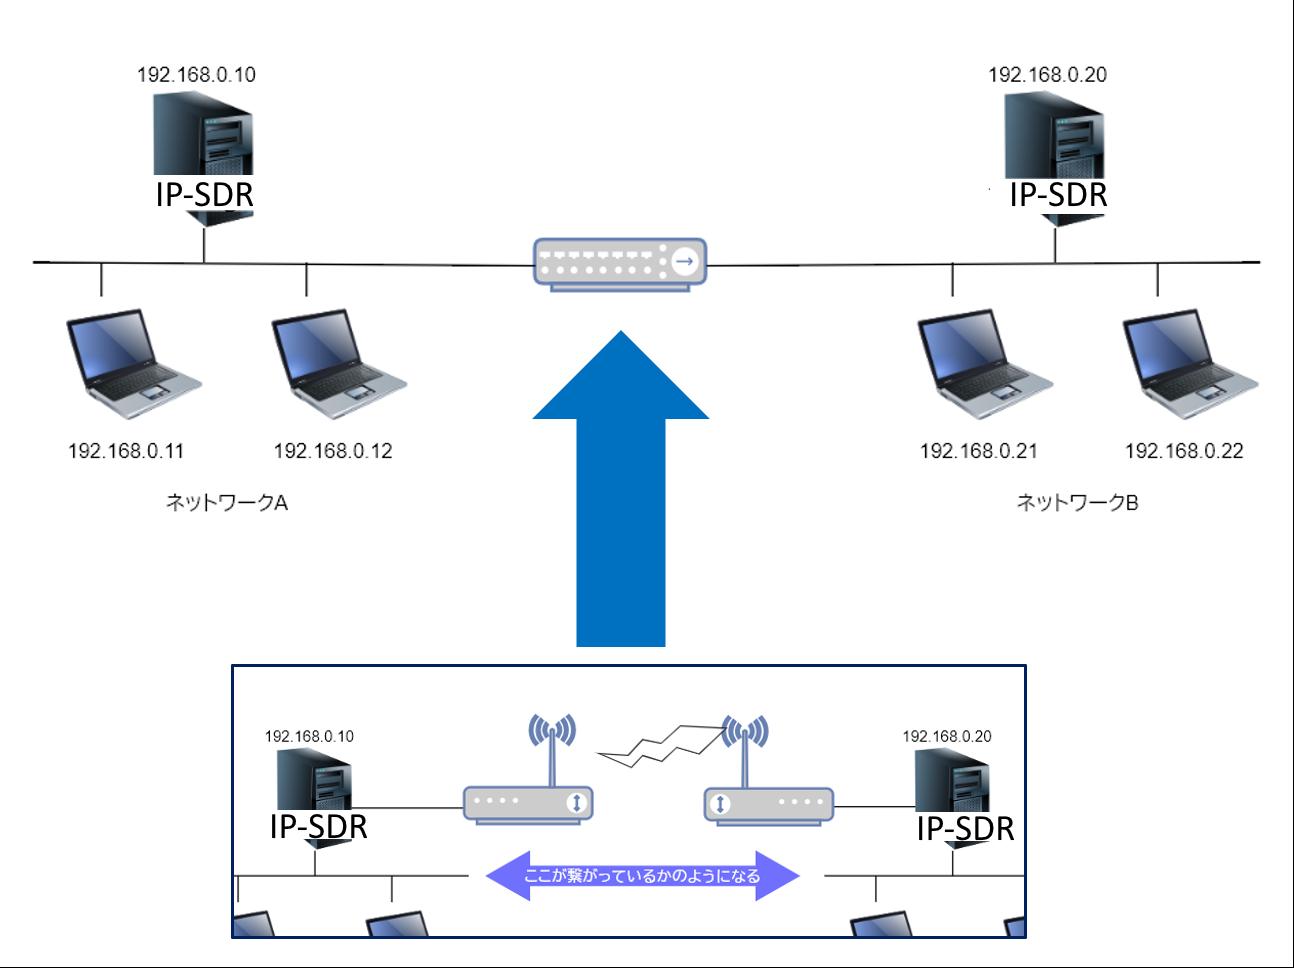 透過的に接続可能なネットワーク